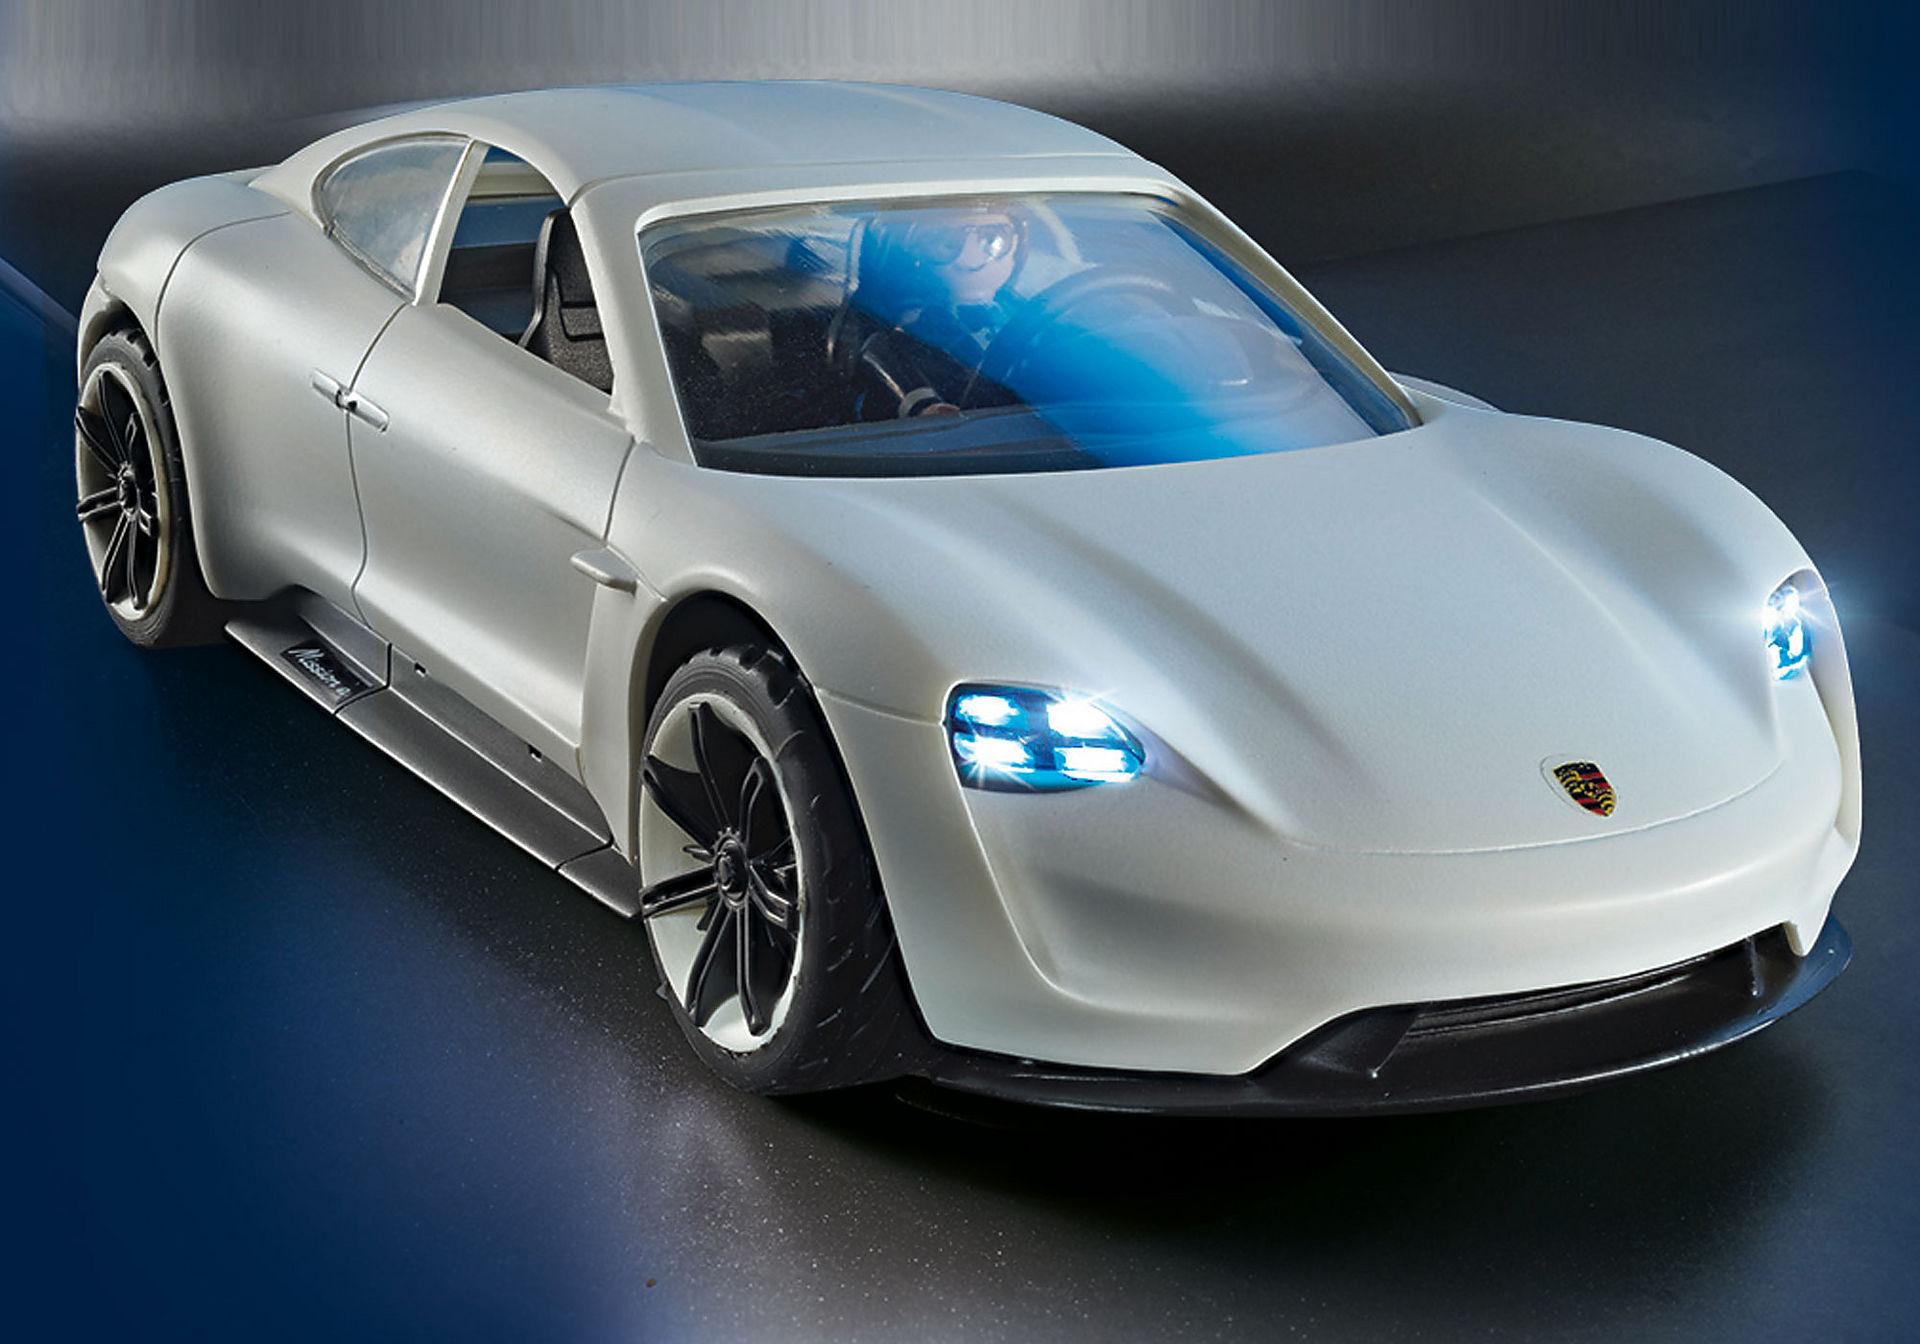 http://media.playmobil.com/i/playmobil/70078_product_extra2/PLAYMOBIL: THE MOVIE Porsche Mission E Rex'a Dasher'a